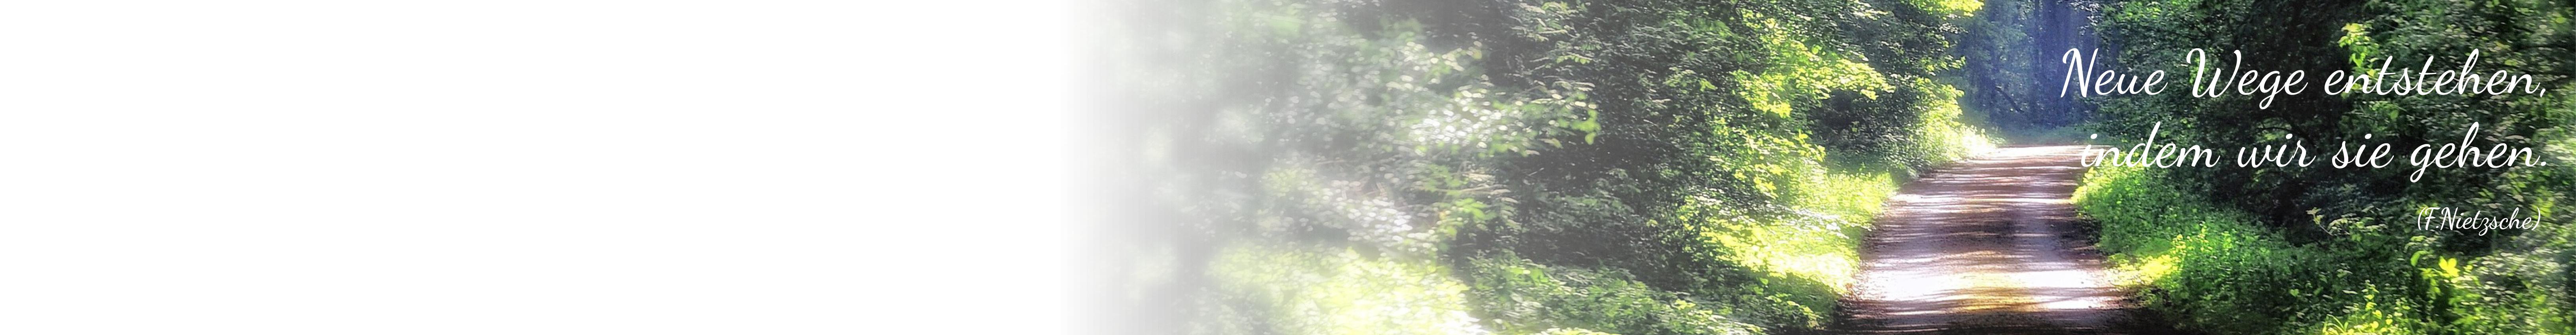 Banner_1920x250pixel